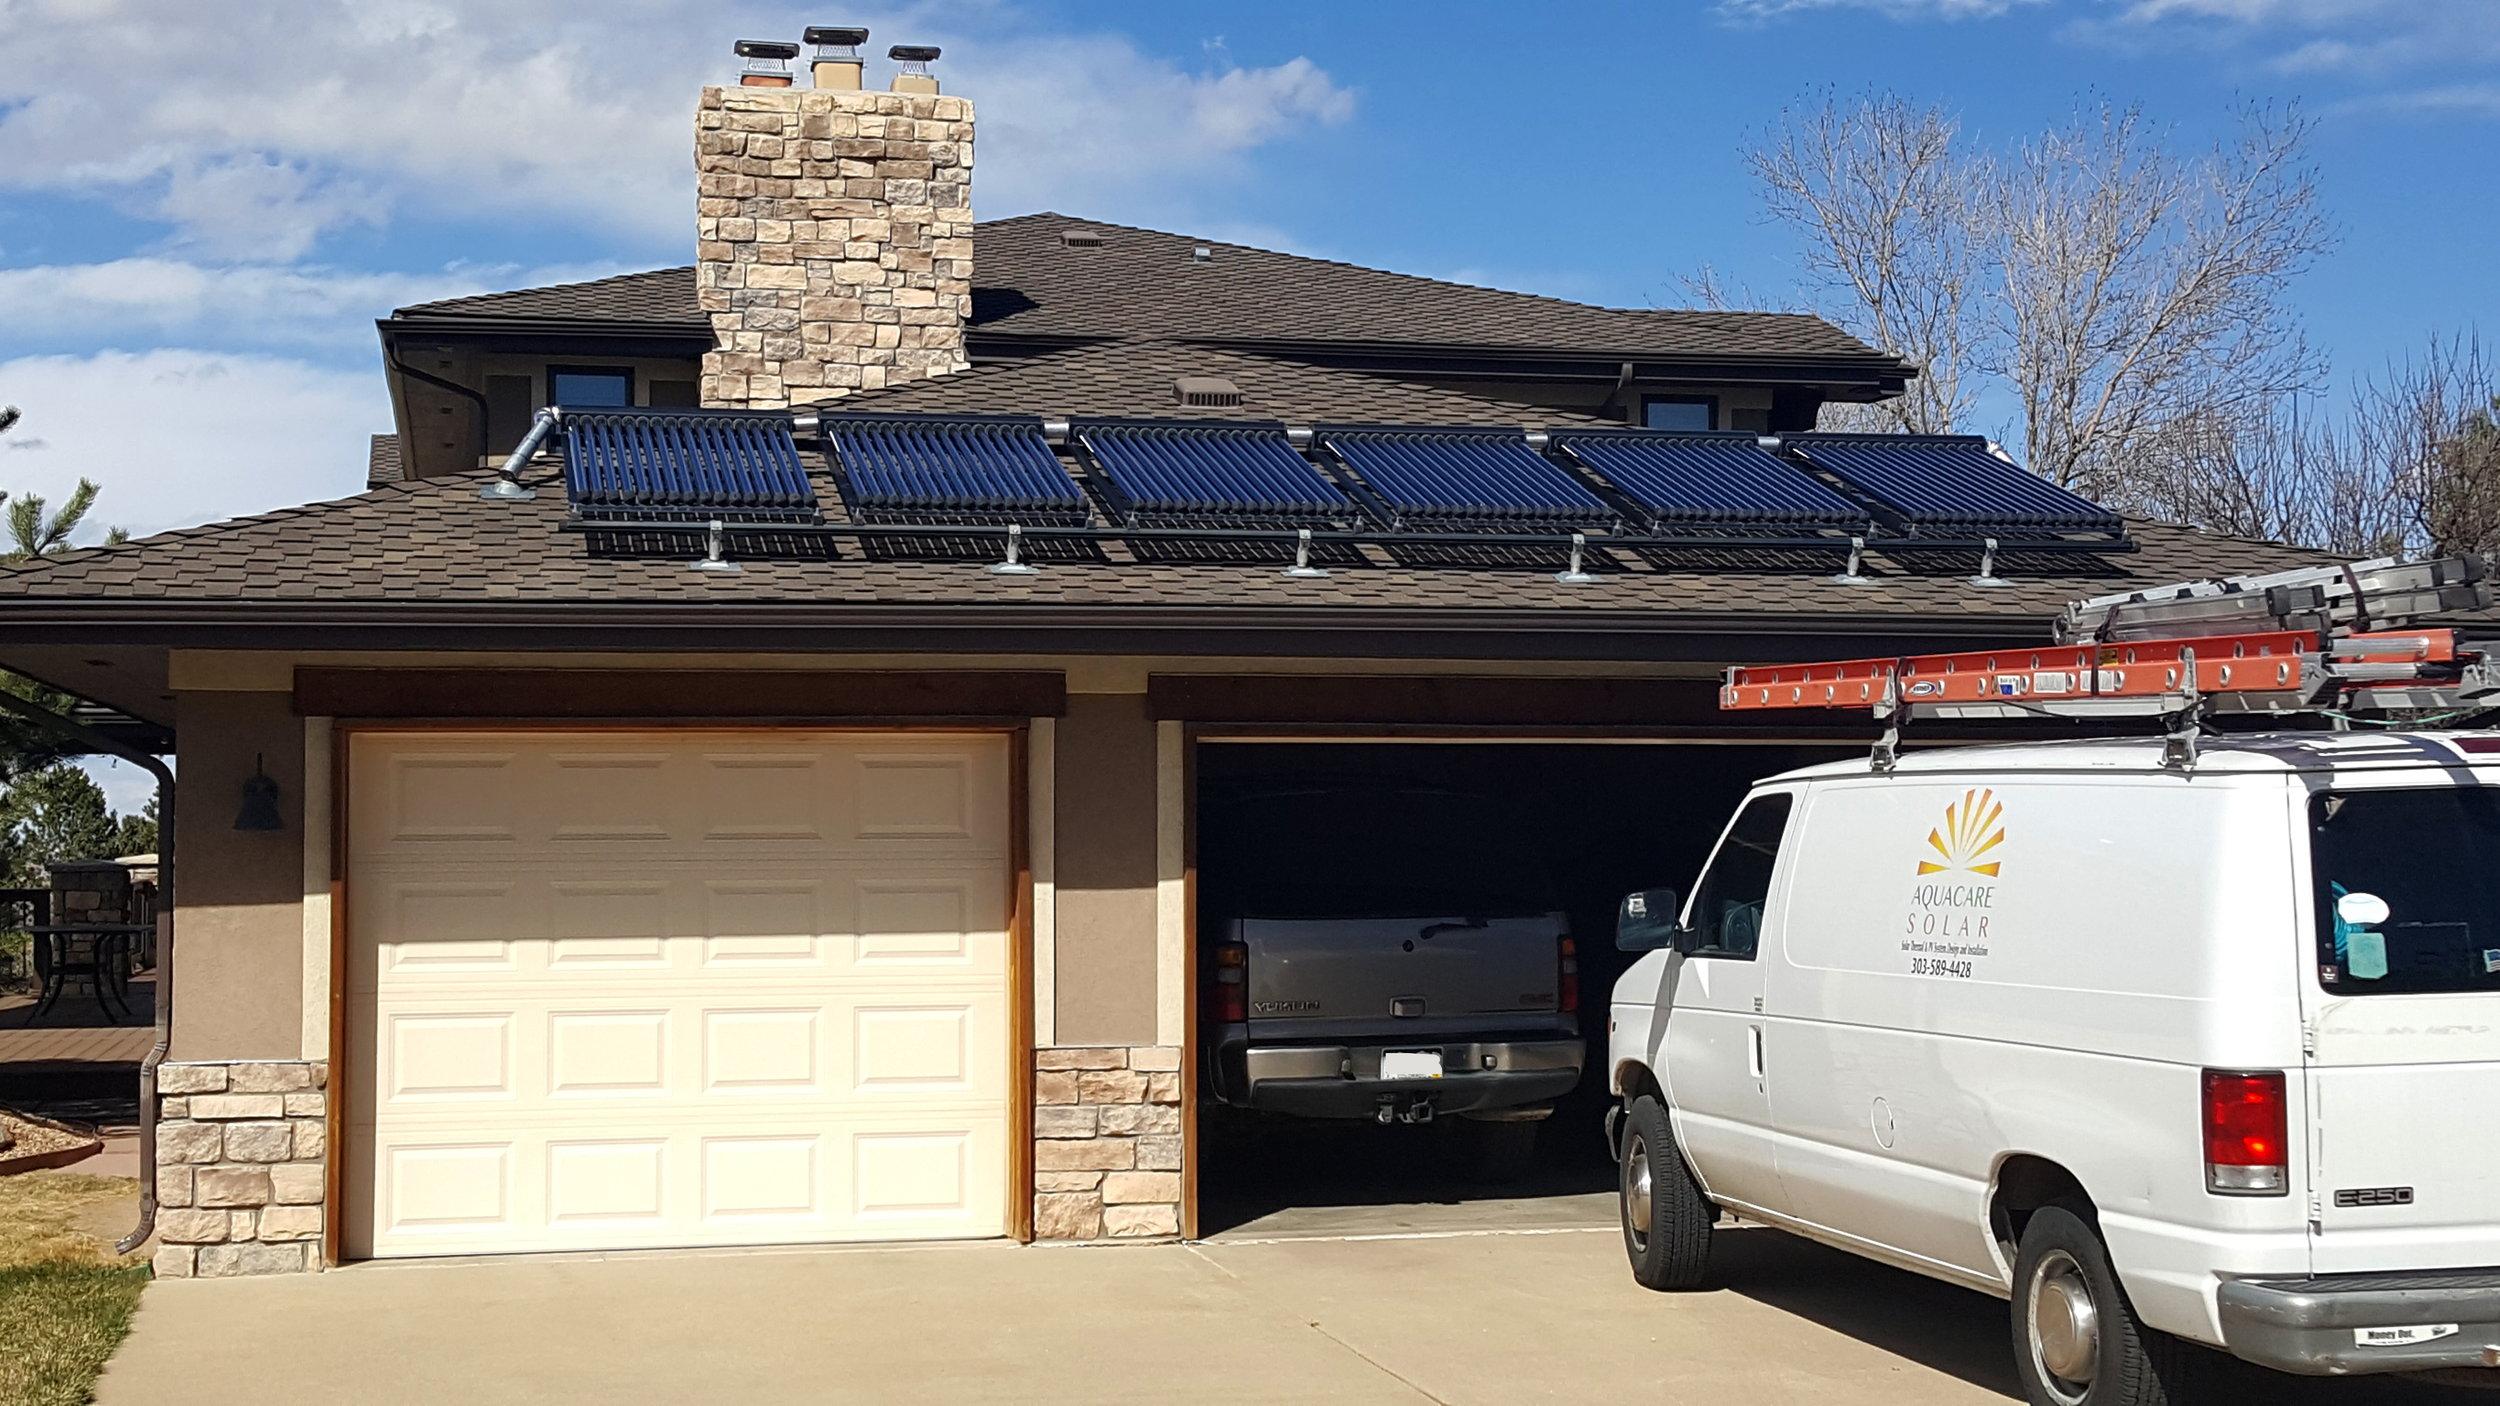 Aqua Care Solar servicing Broomfield